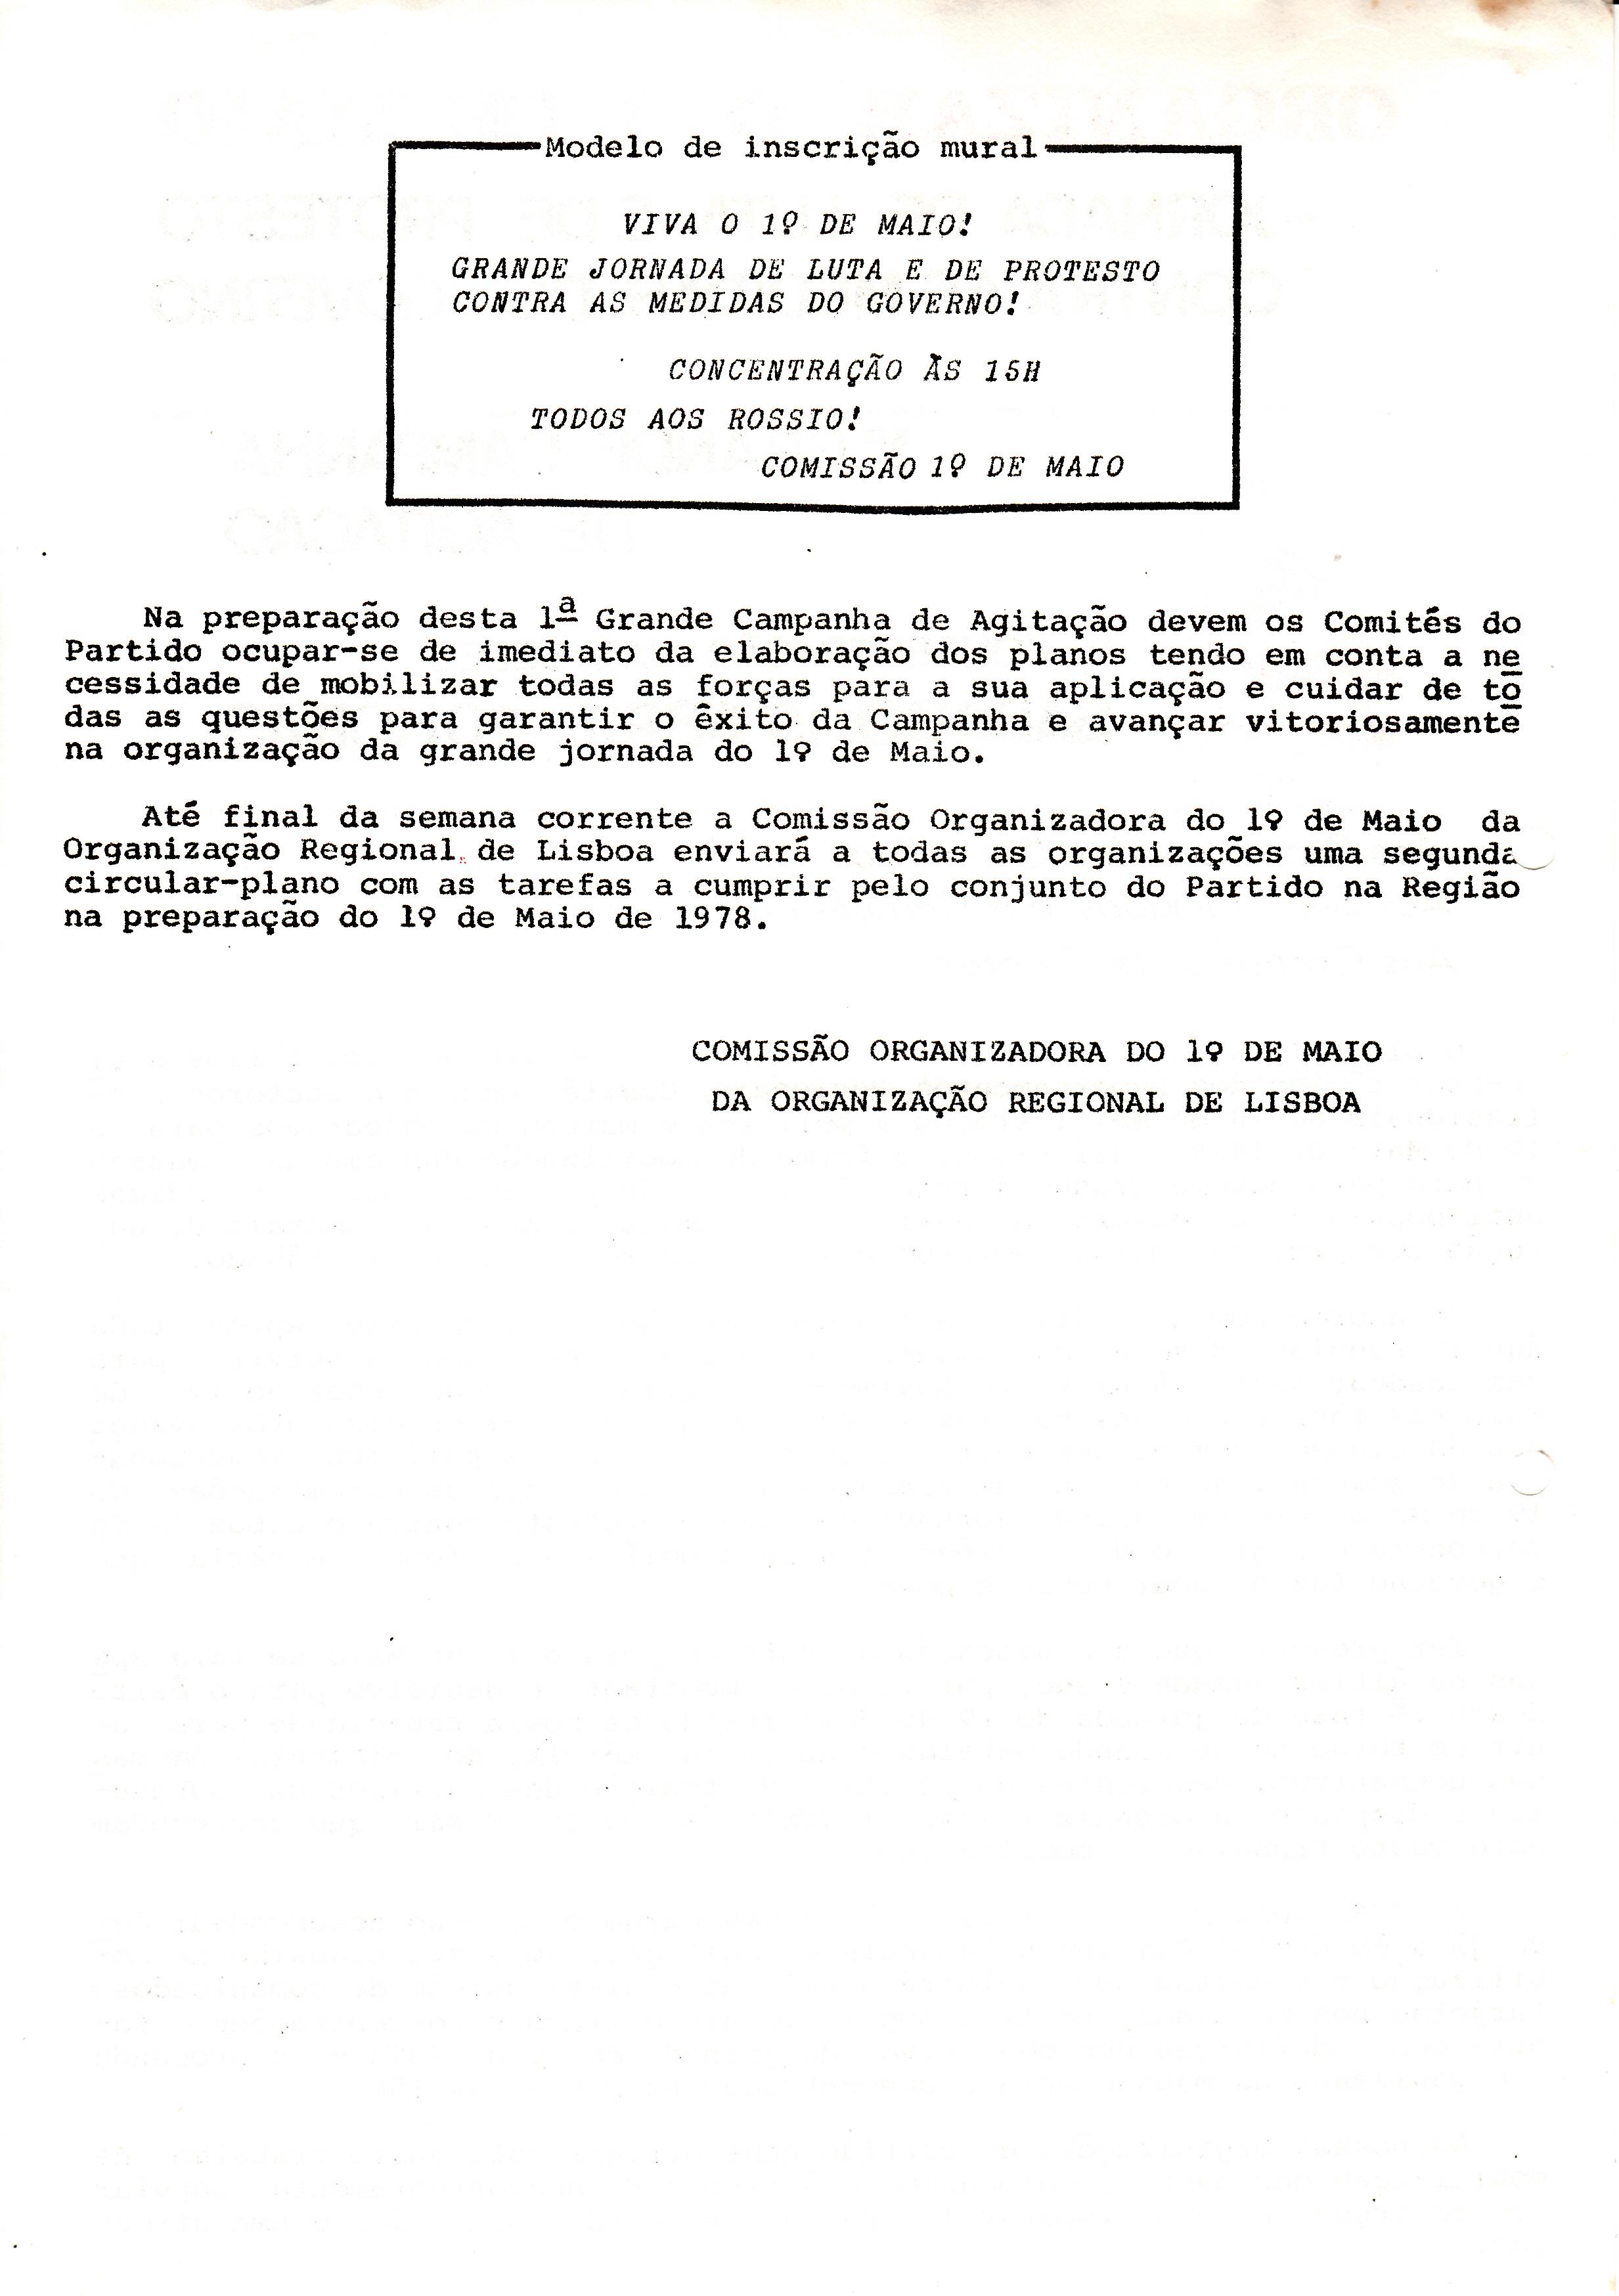 MRPP_1978_04_24___0002